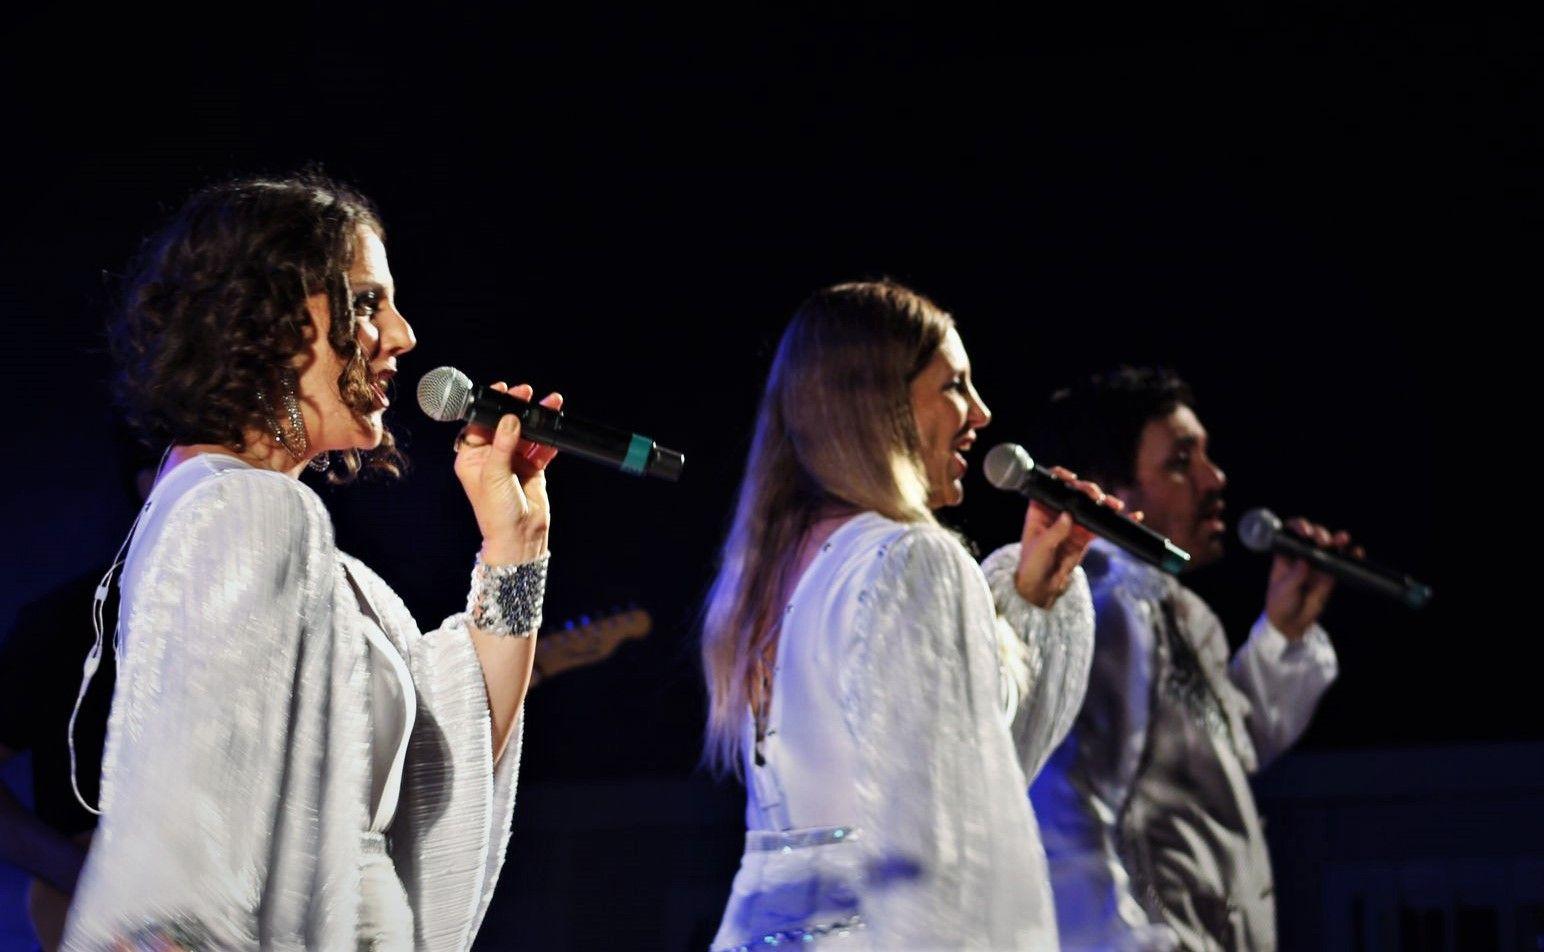 Actuació musical de The ABBA Experience. FOTO: Andrea Martínez